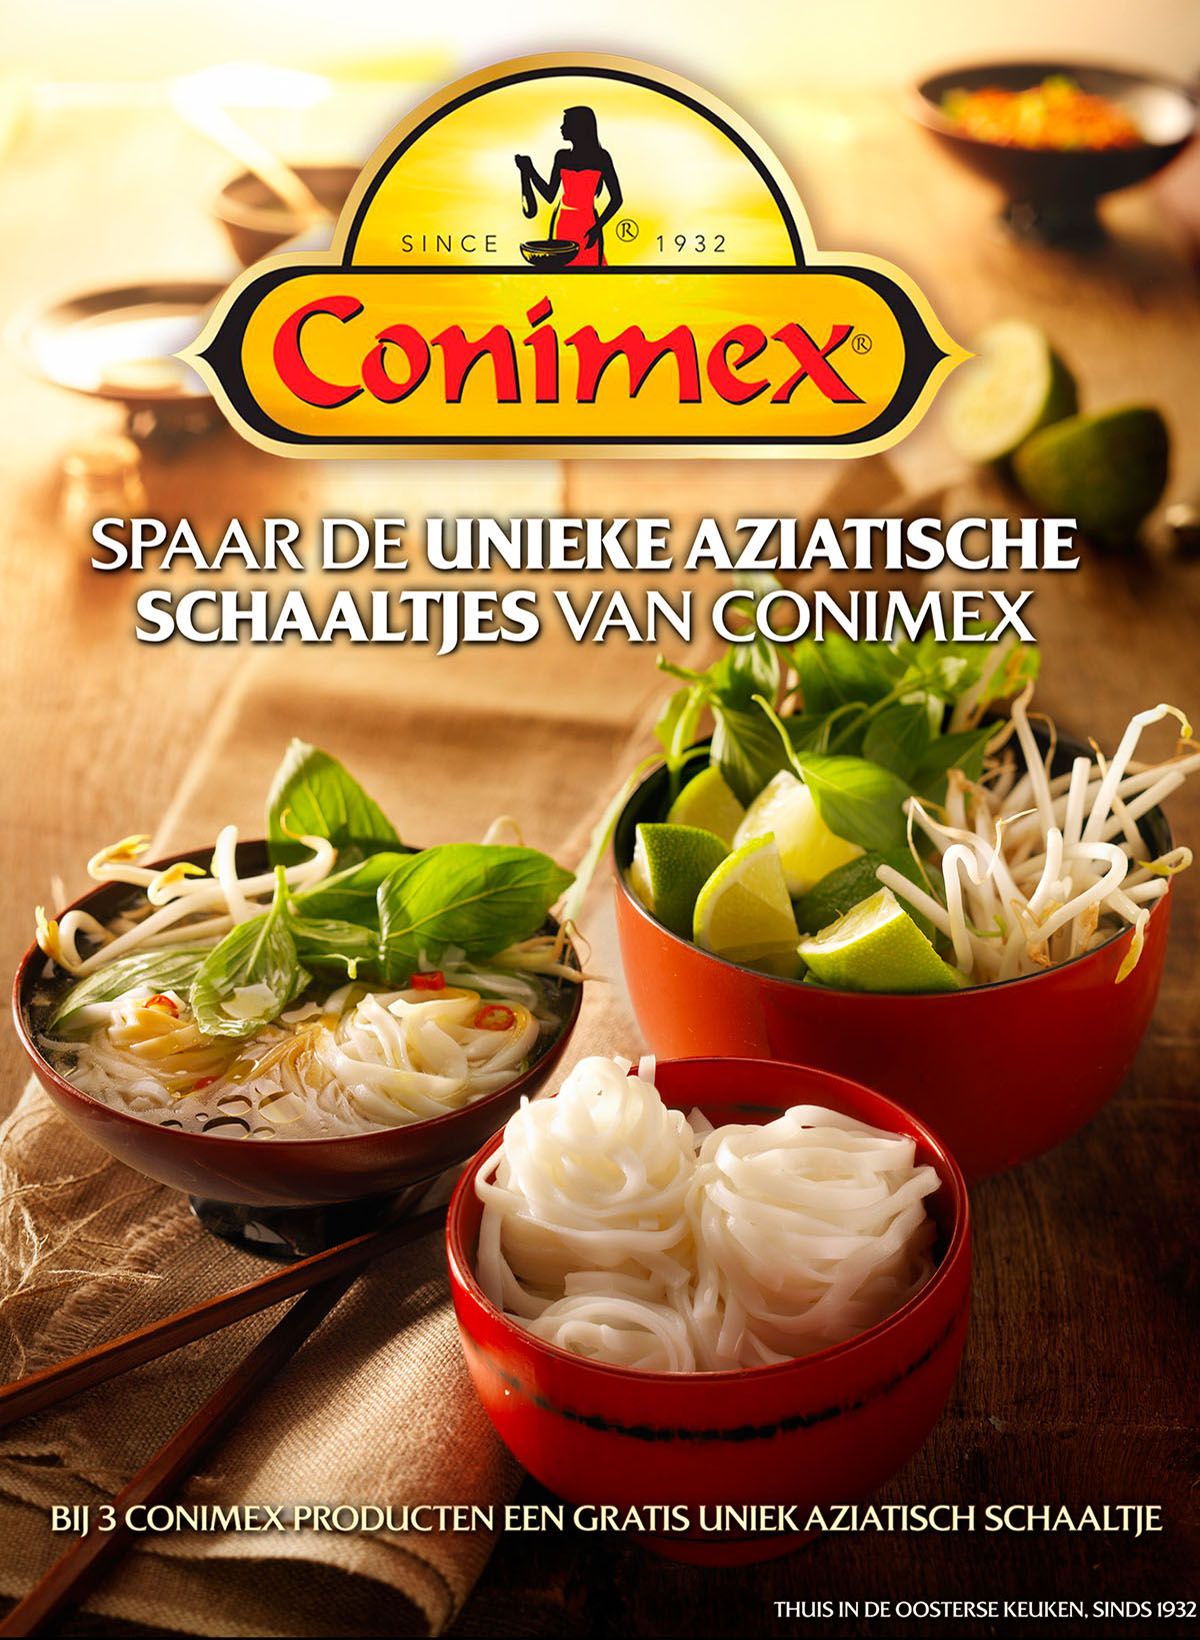 Amsterdam Food fotografie van kommetjes met taugé icm groenten van Conimex gemaakt door Studio_m Fotografie Amsterdam